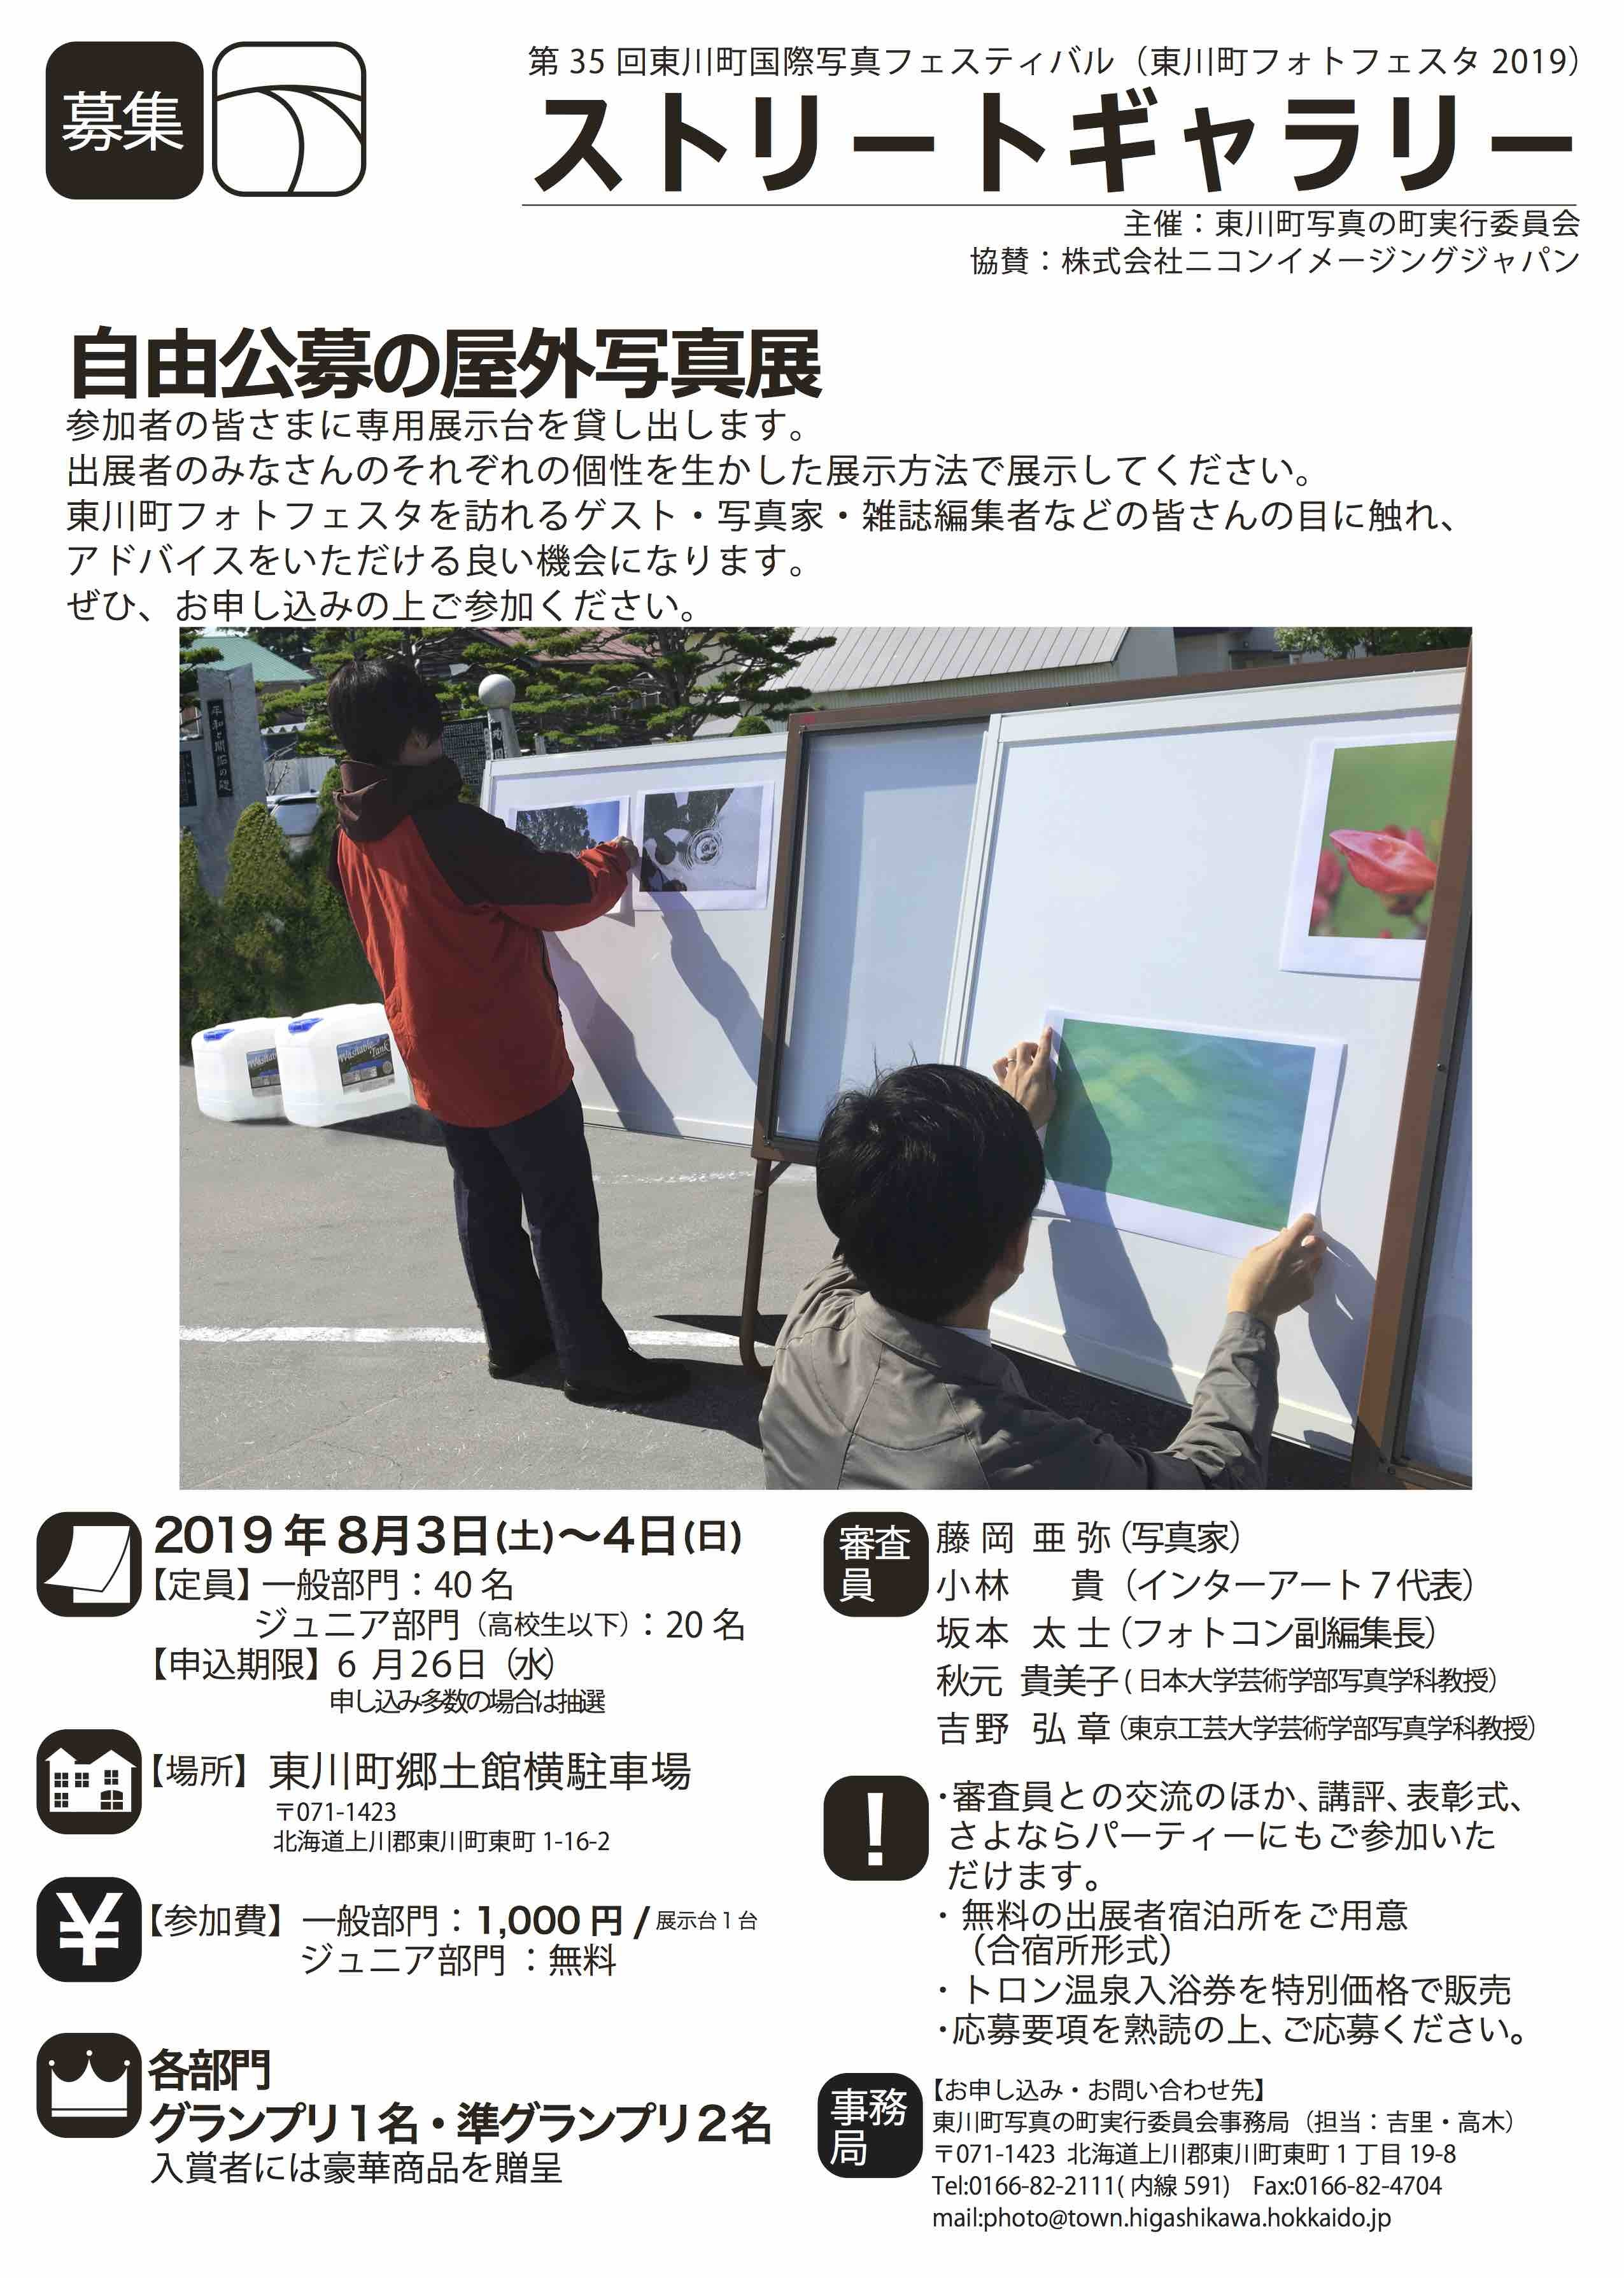 【お知らせ】ストリートギャラリー2019 出展者募集_b0187229_09400804.jpg